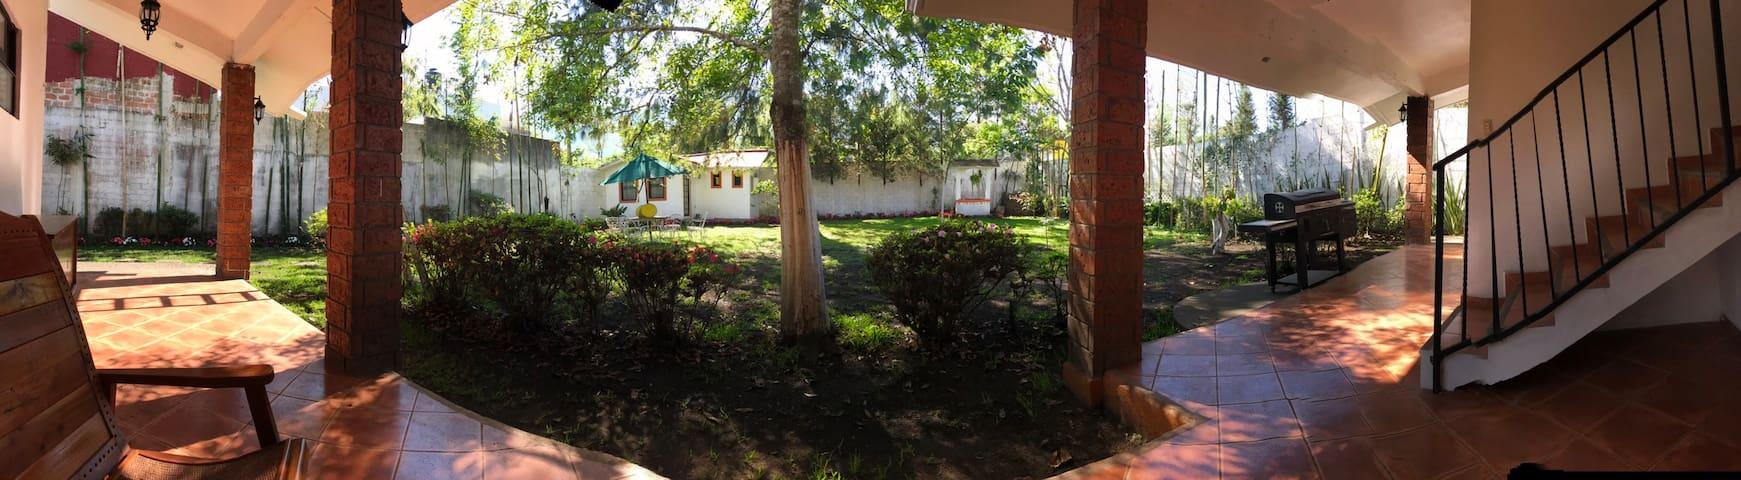 Posada Campestre Xicotepec H4